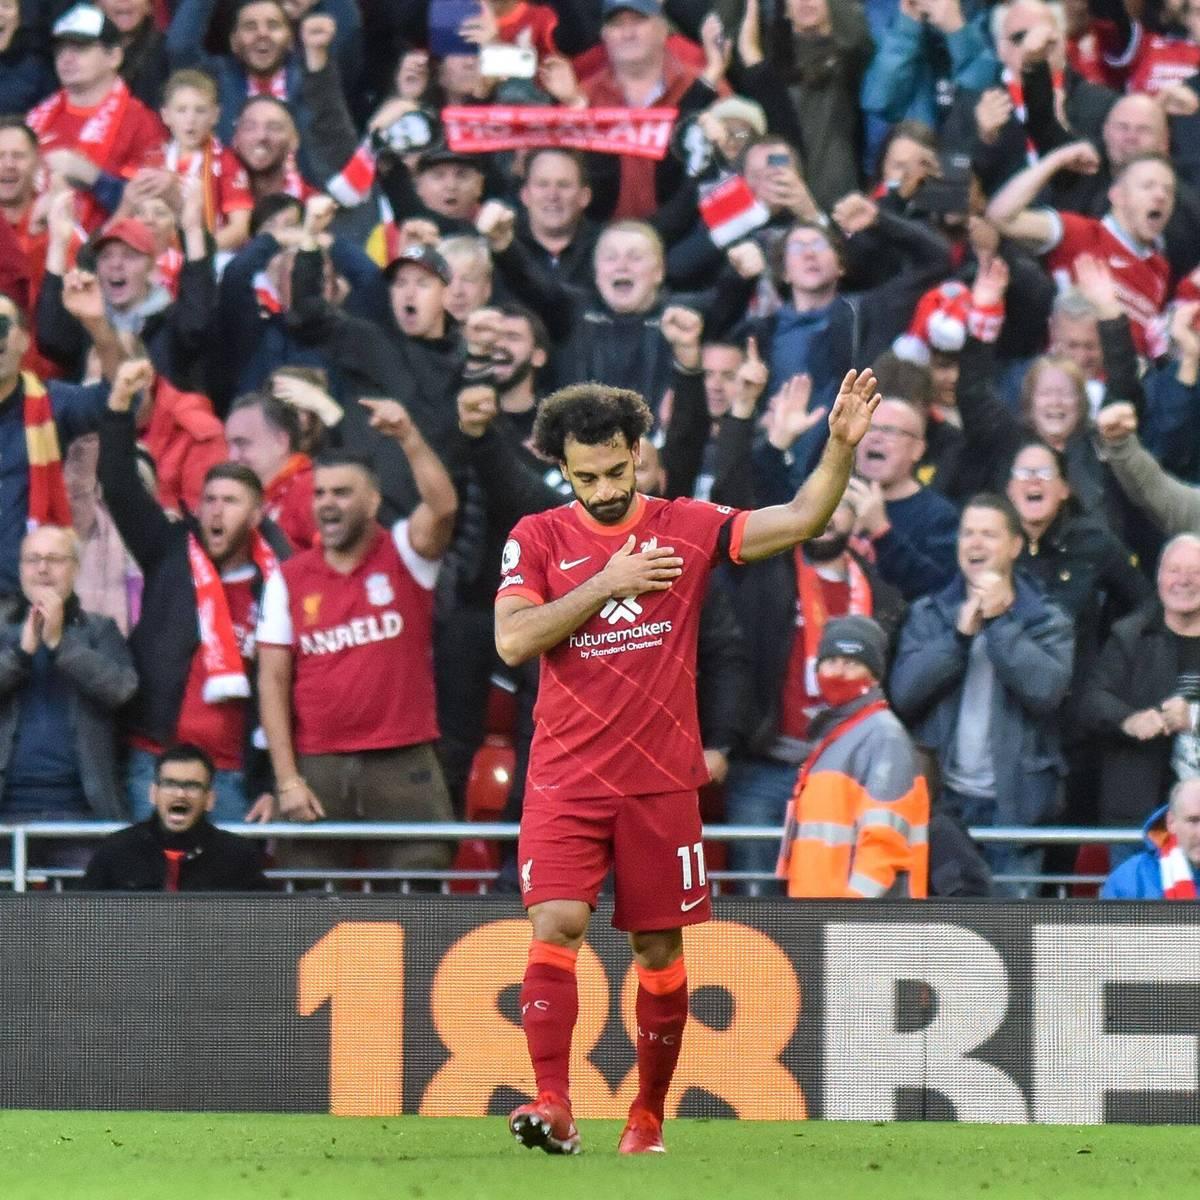 Nach Traumtor: Ist Salah aktuell der beste Spieler der Welt?